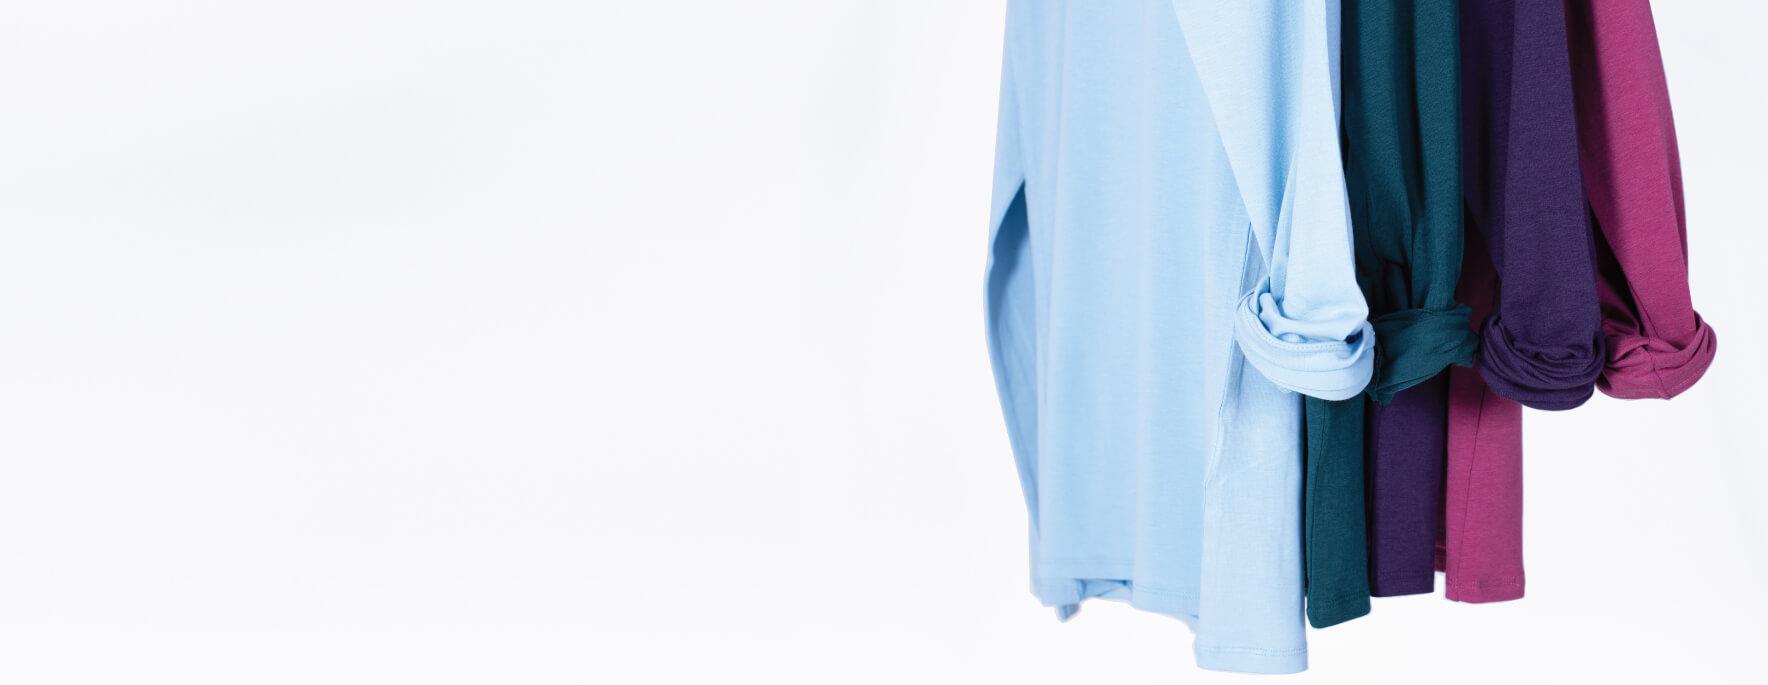 nola essentials women's collection